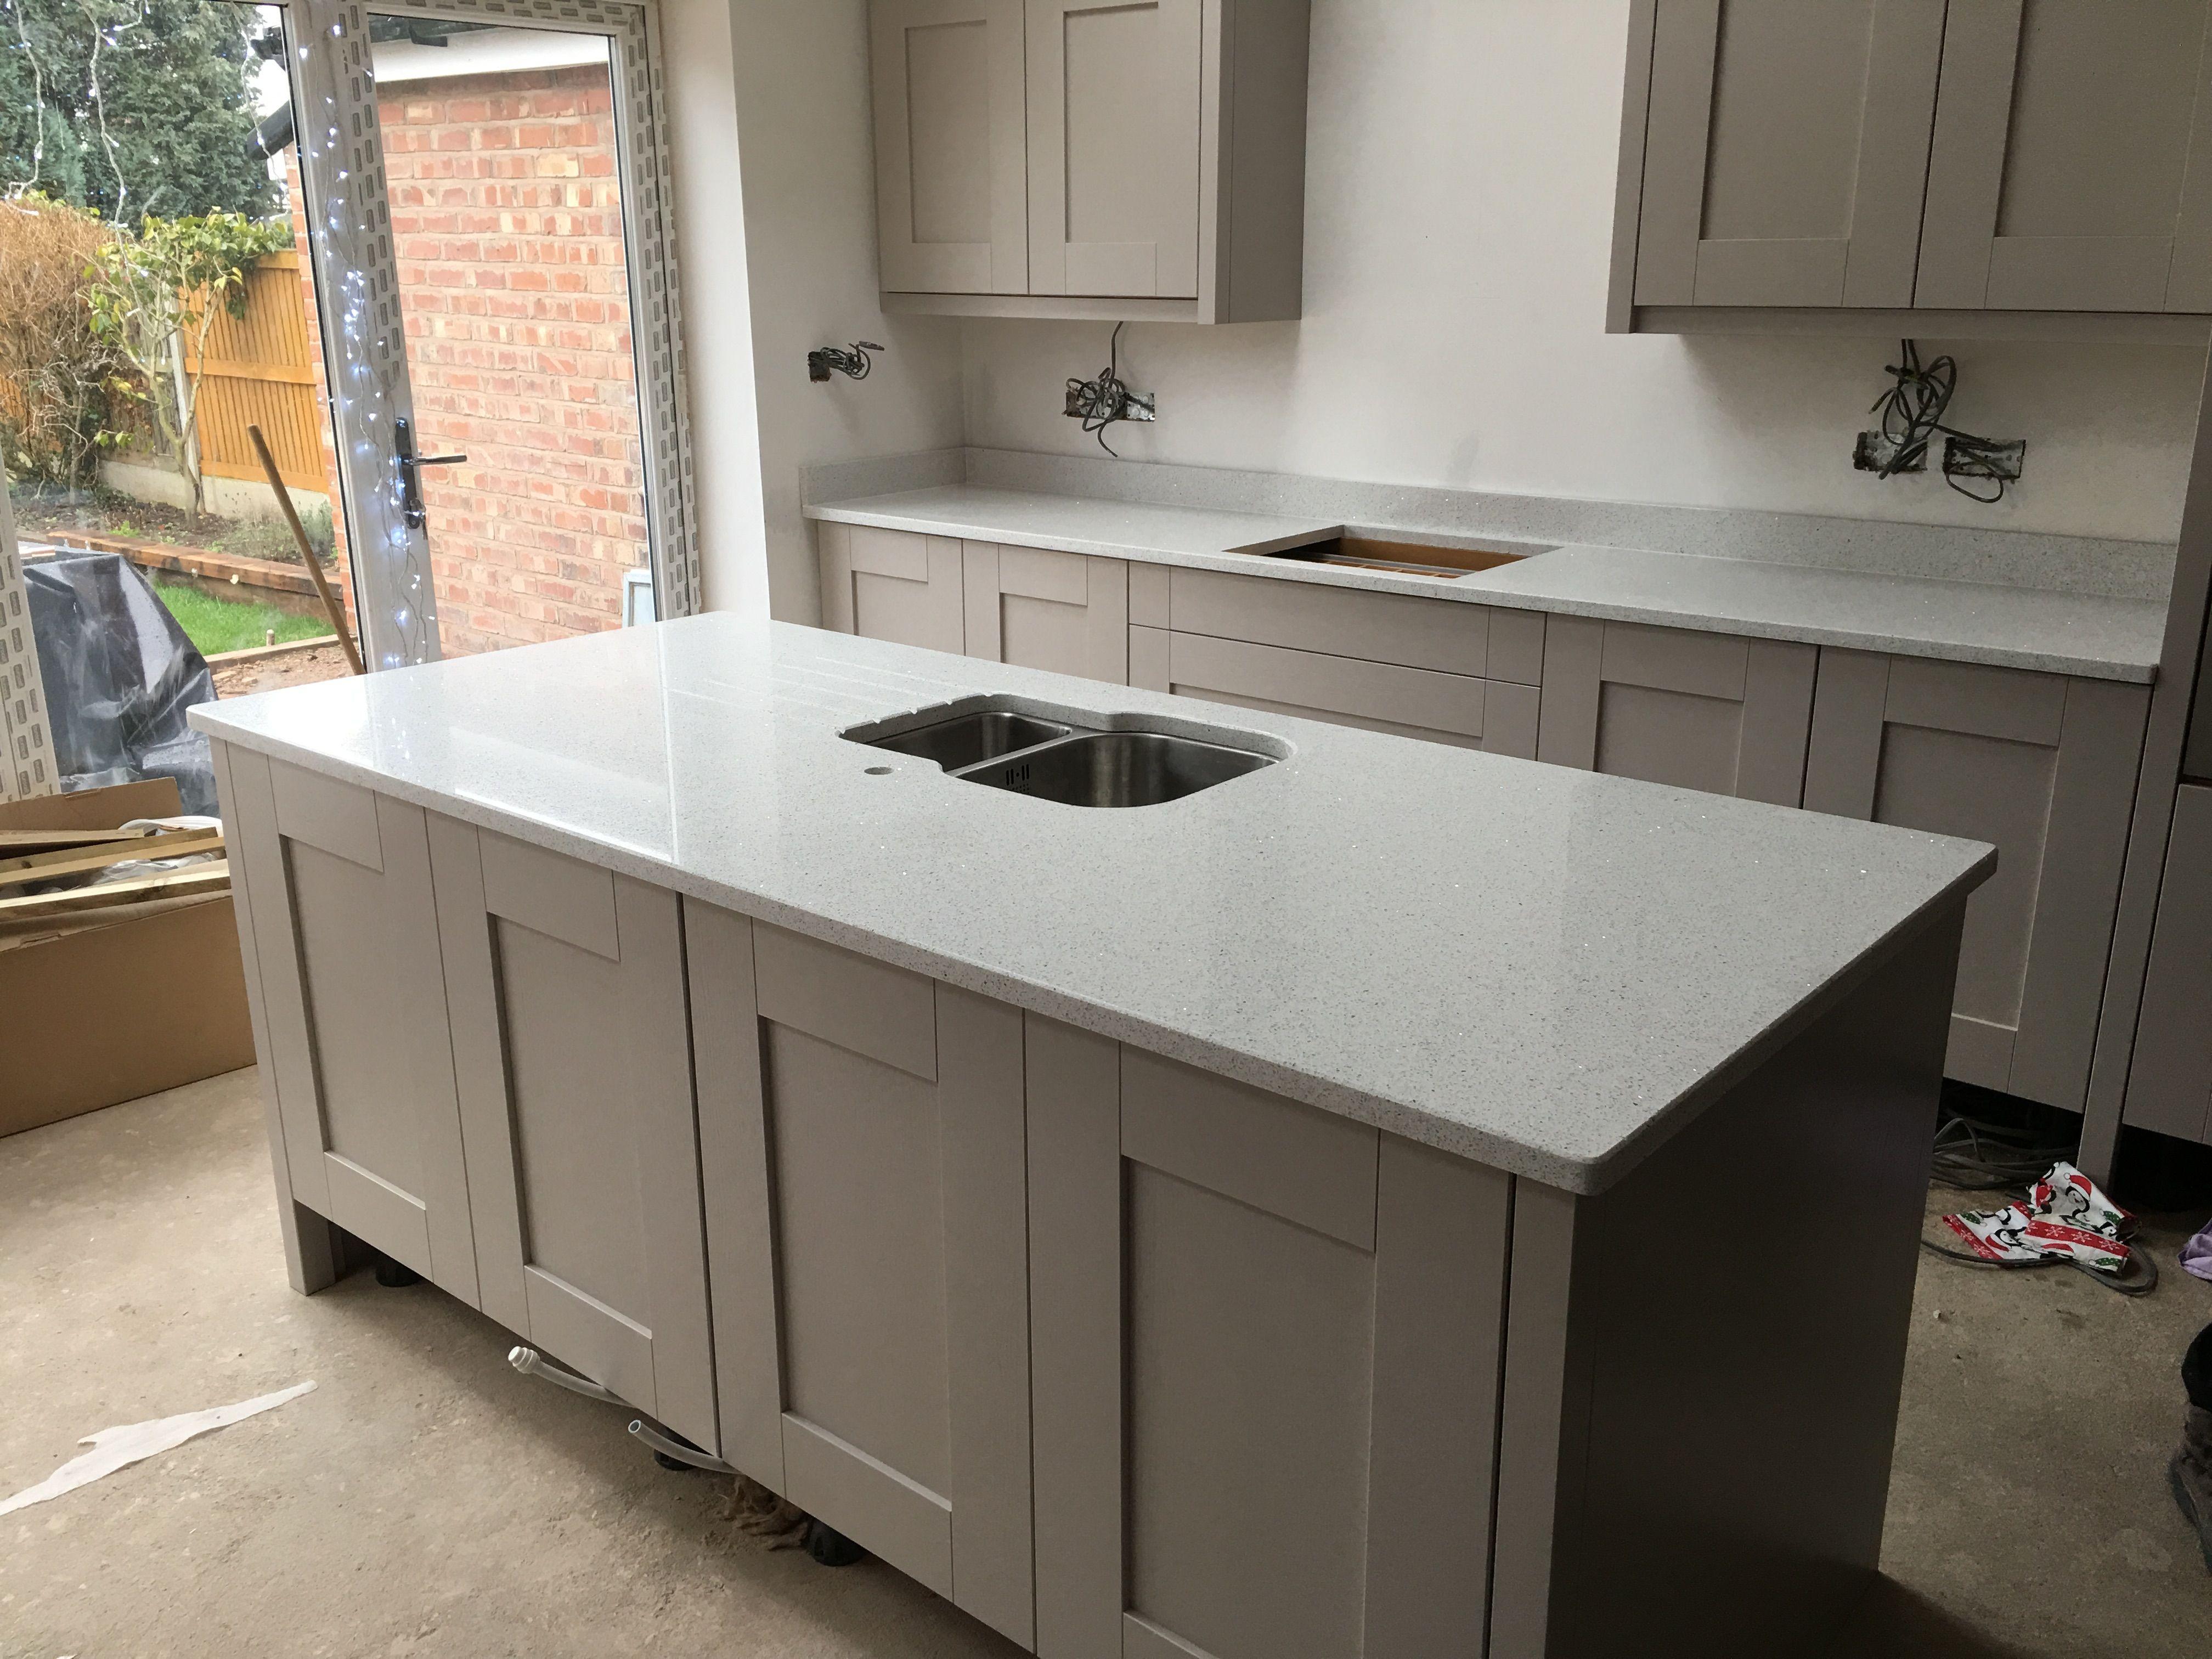 Silestone Quartz Kitchen Worktops Quartz Kitchen Kitchen Redo Family Room Design